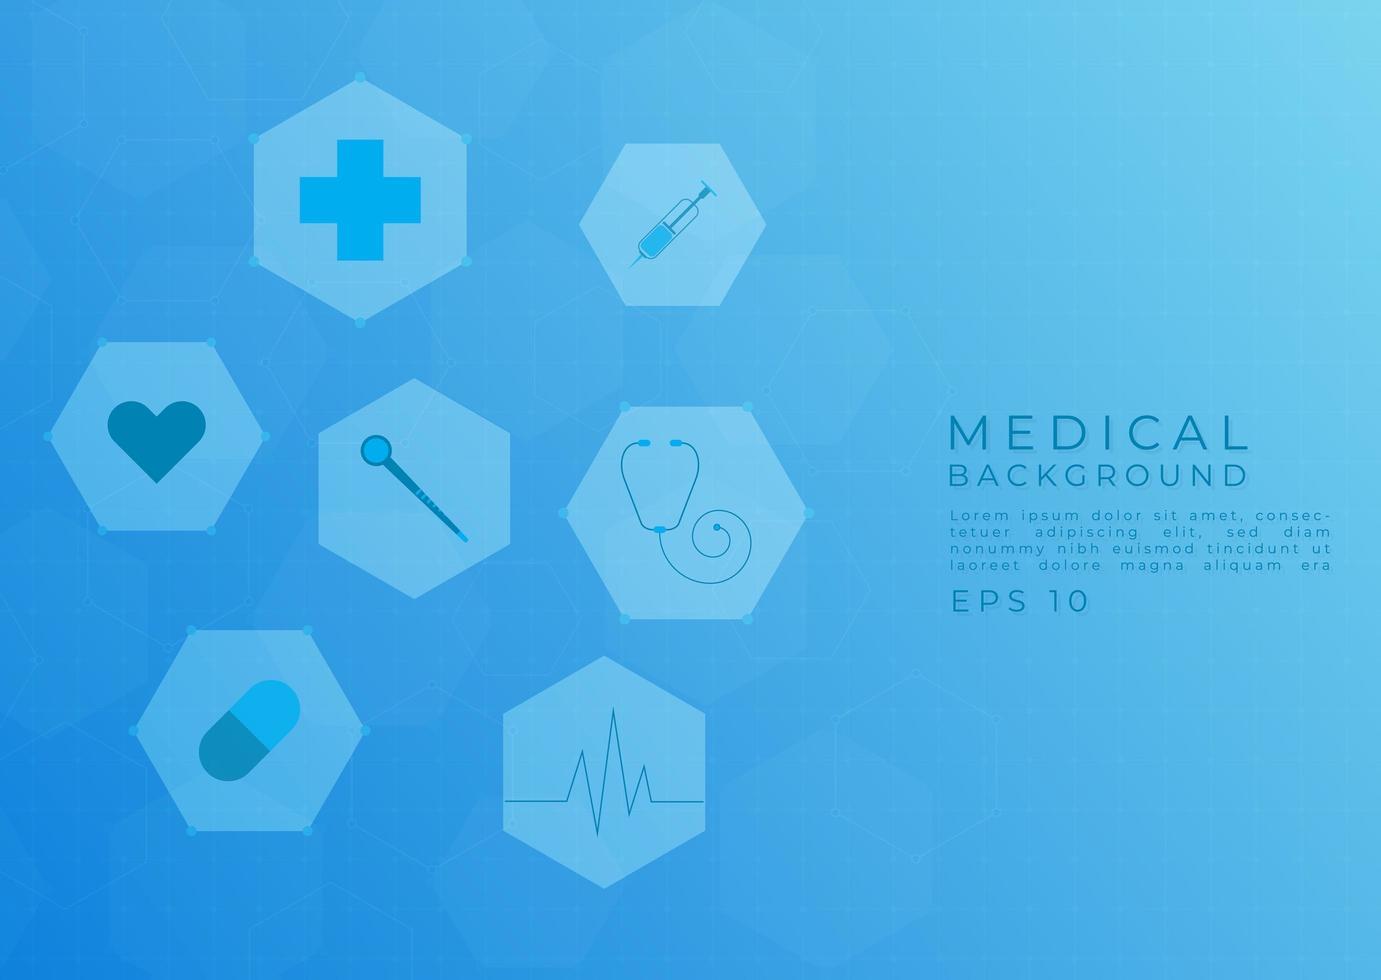 conception moderne de fond médical vecteur